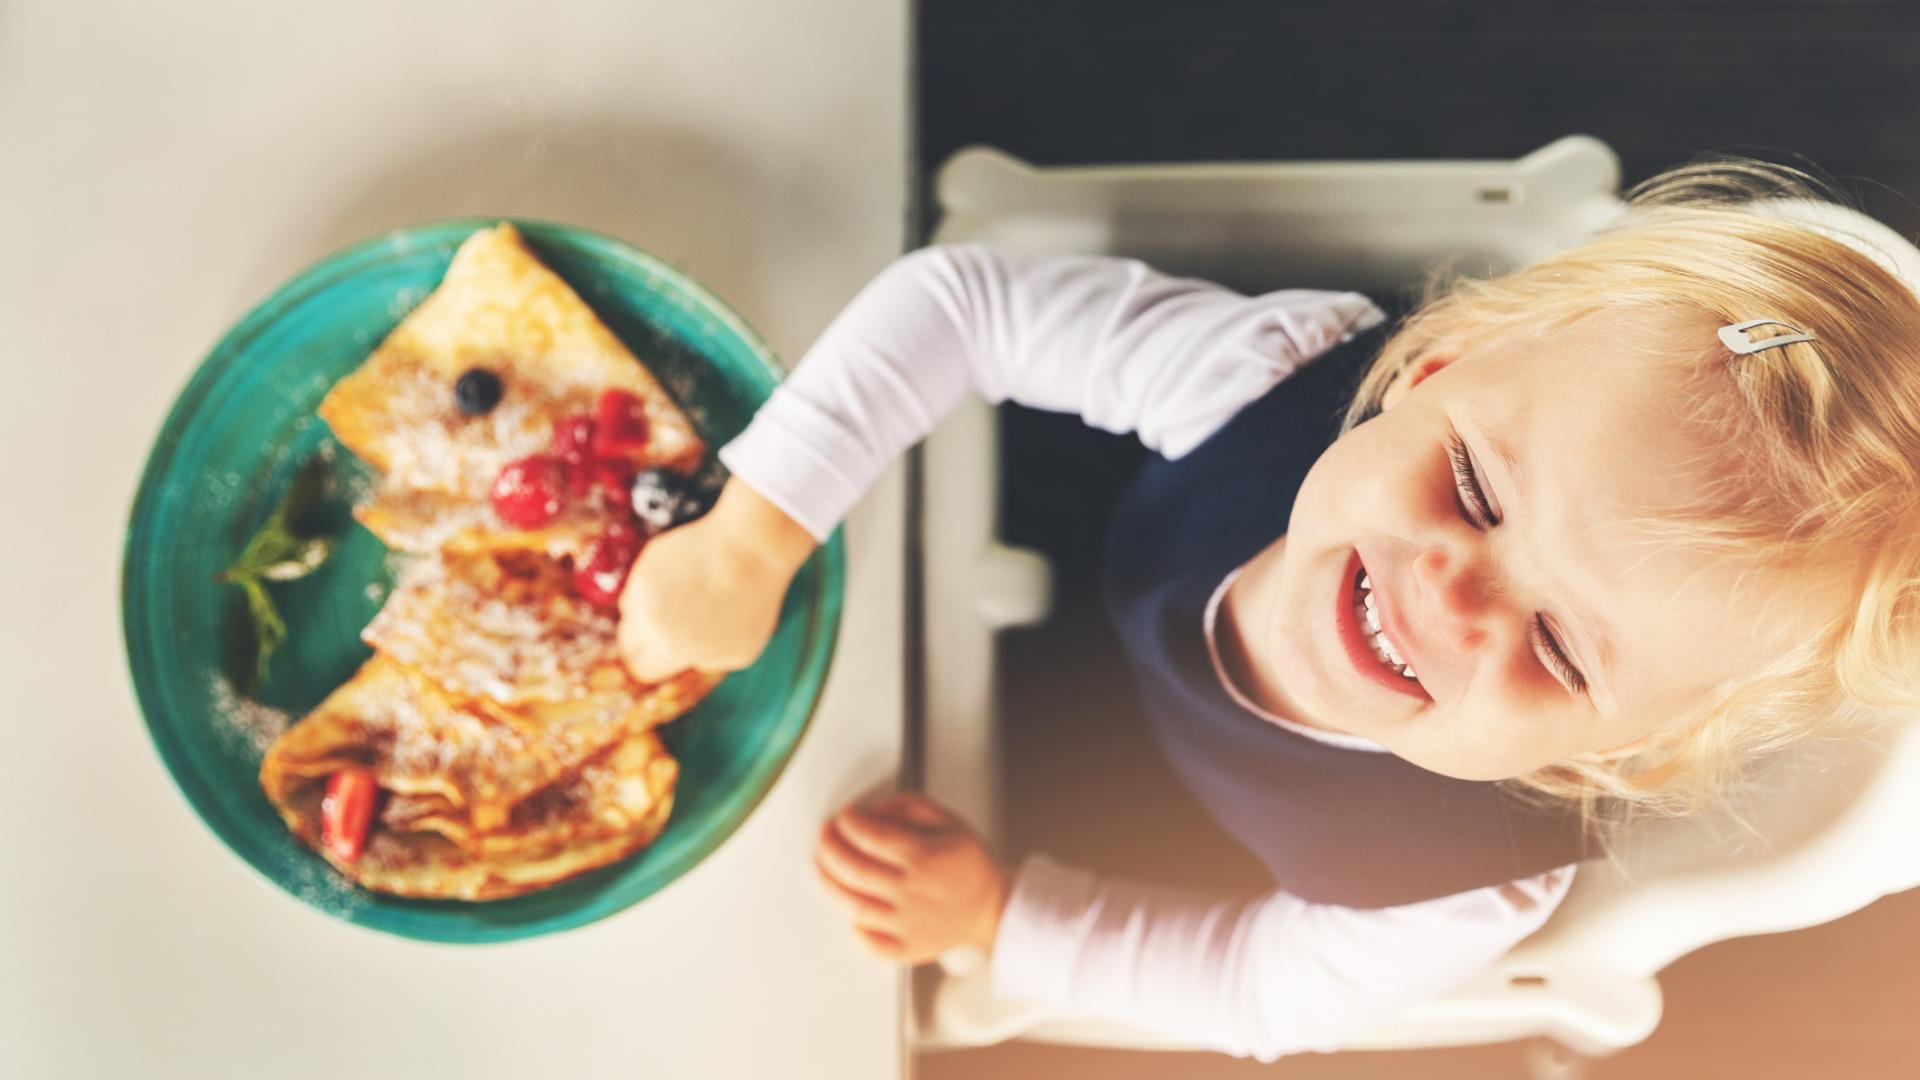 Kind beim Essen glücklich